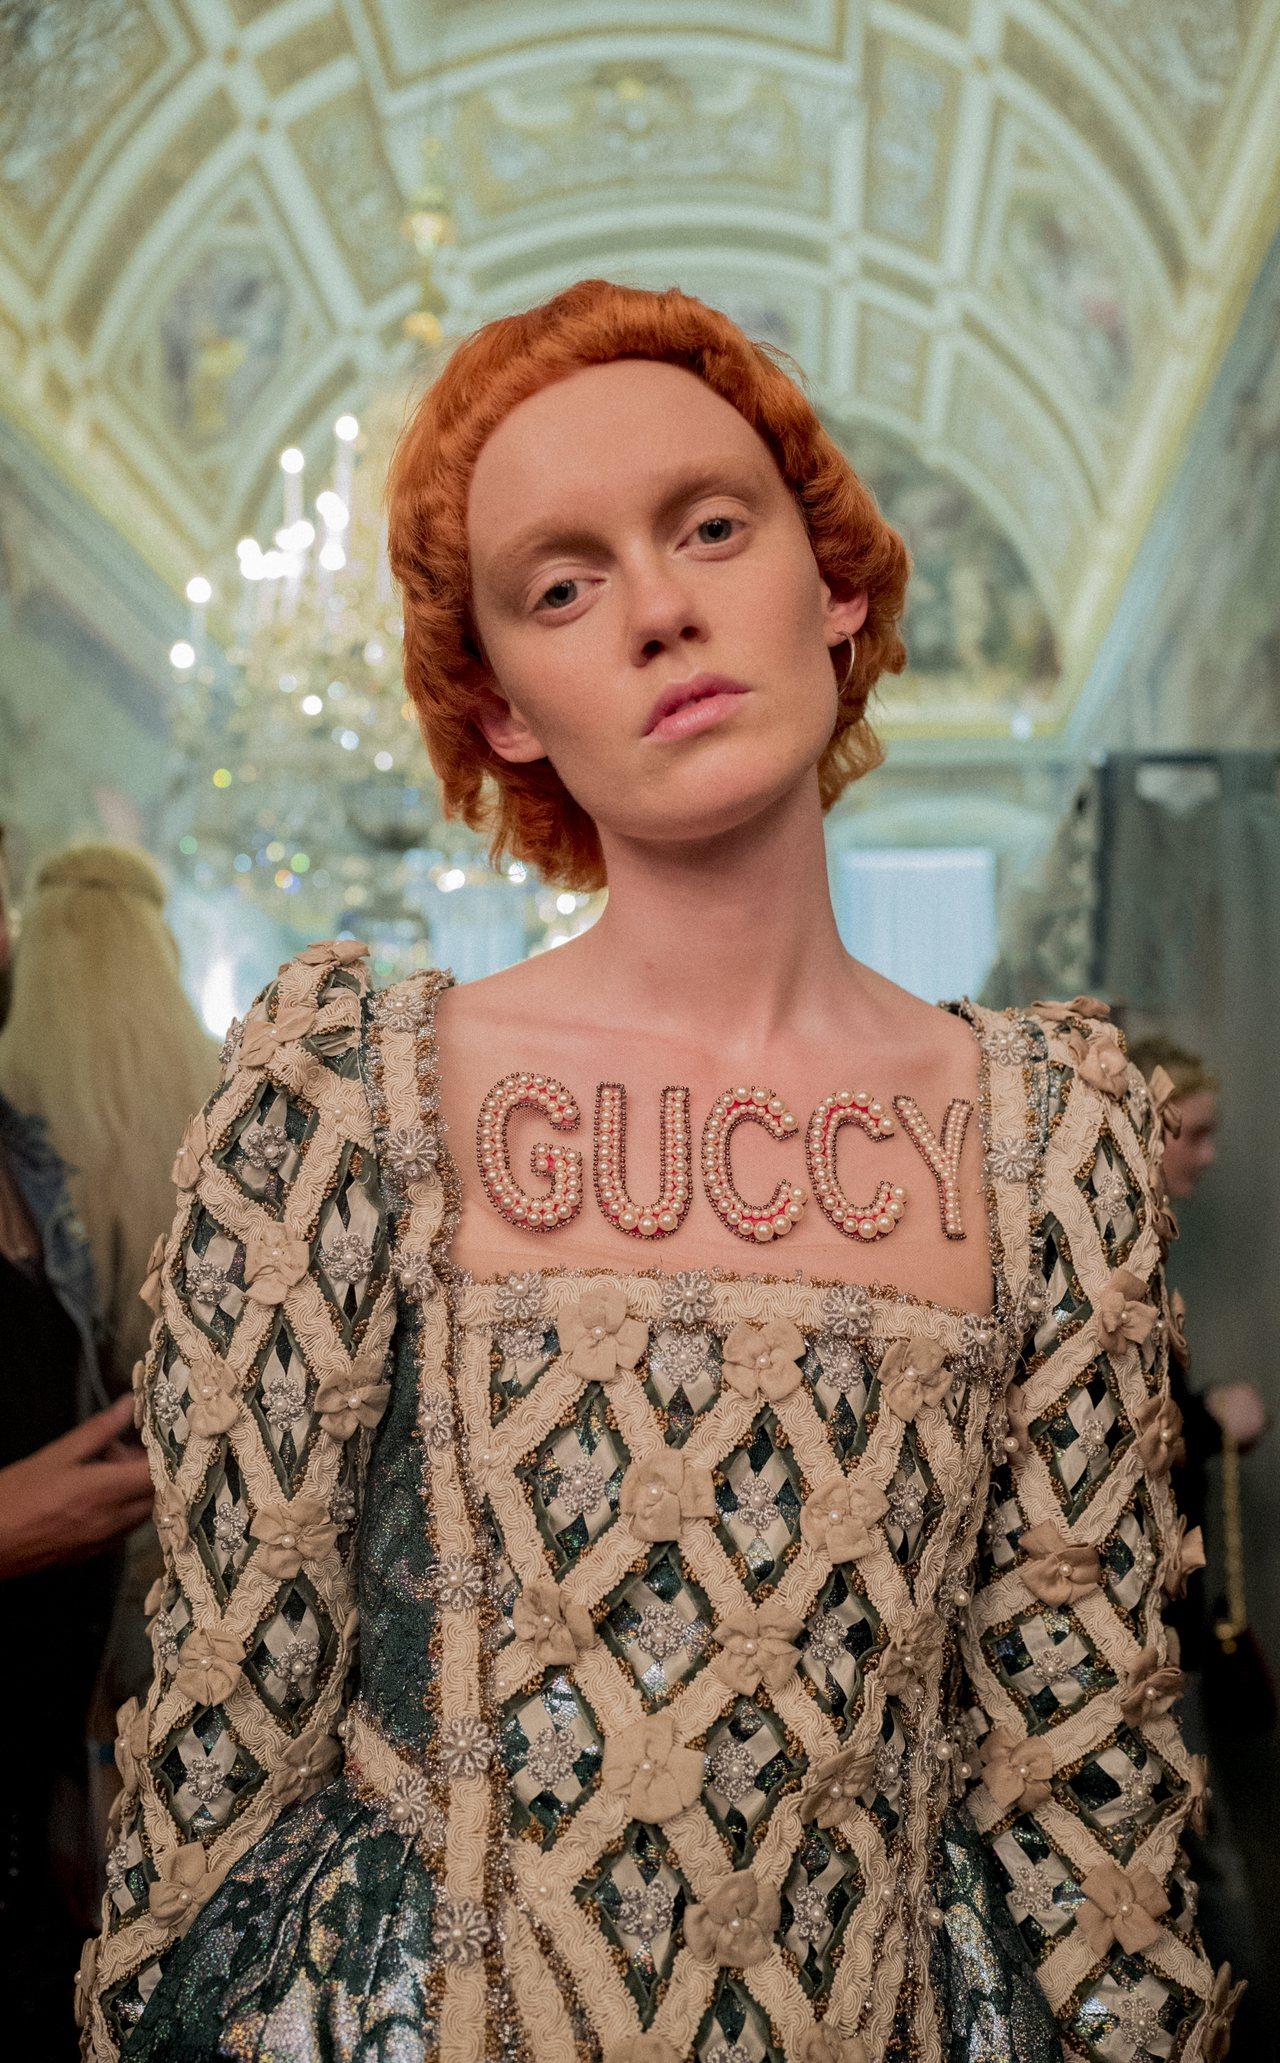 將「Gucci」拼成「Guccy」的巧思,更將品牌logo完美復興,變身一種獨特的形容詞。